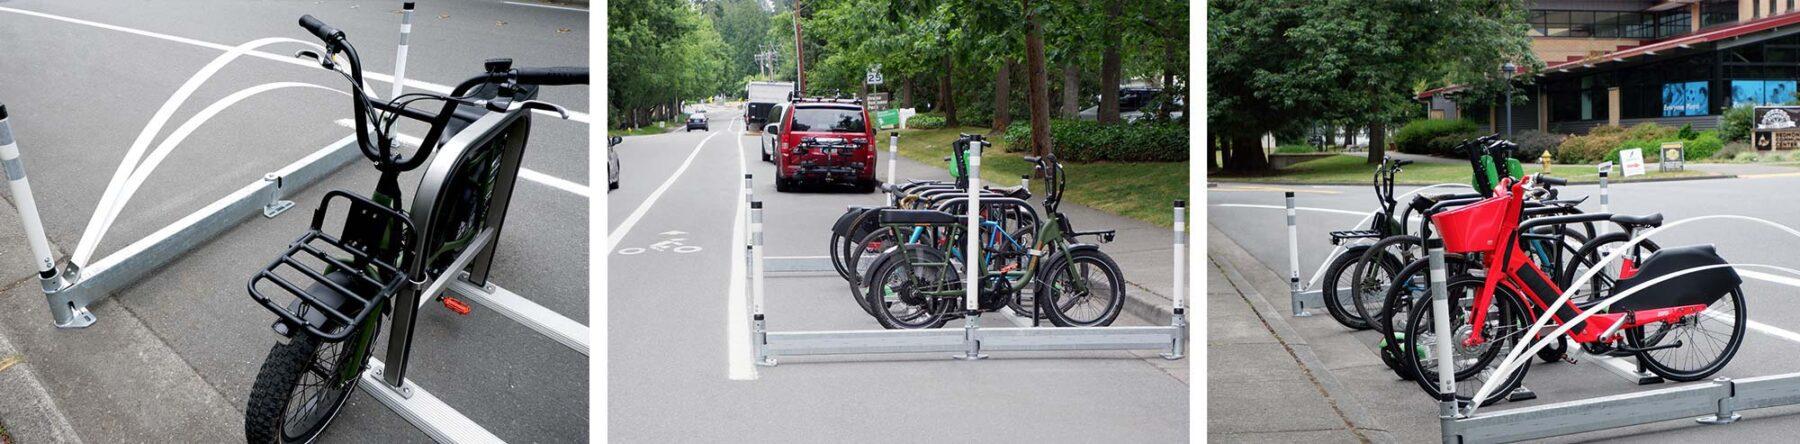 Bike-Lane-Delineators